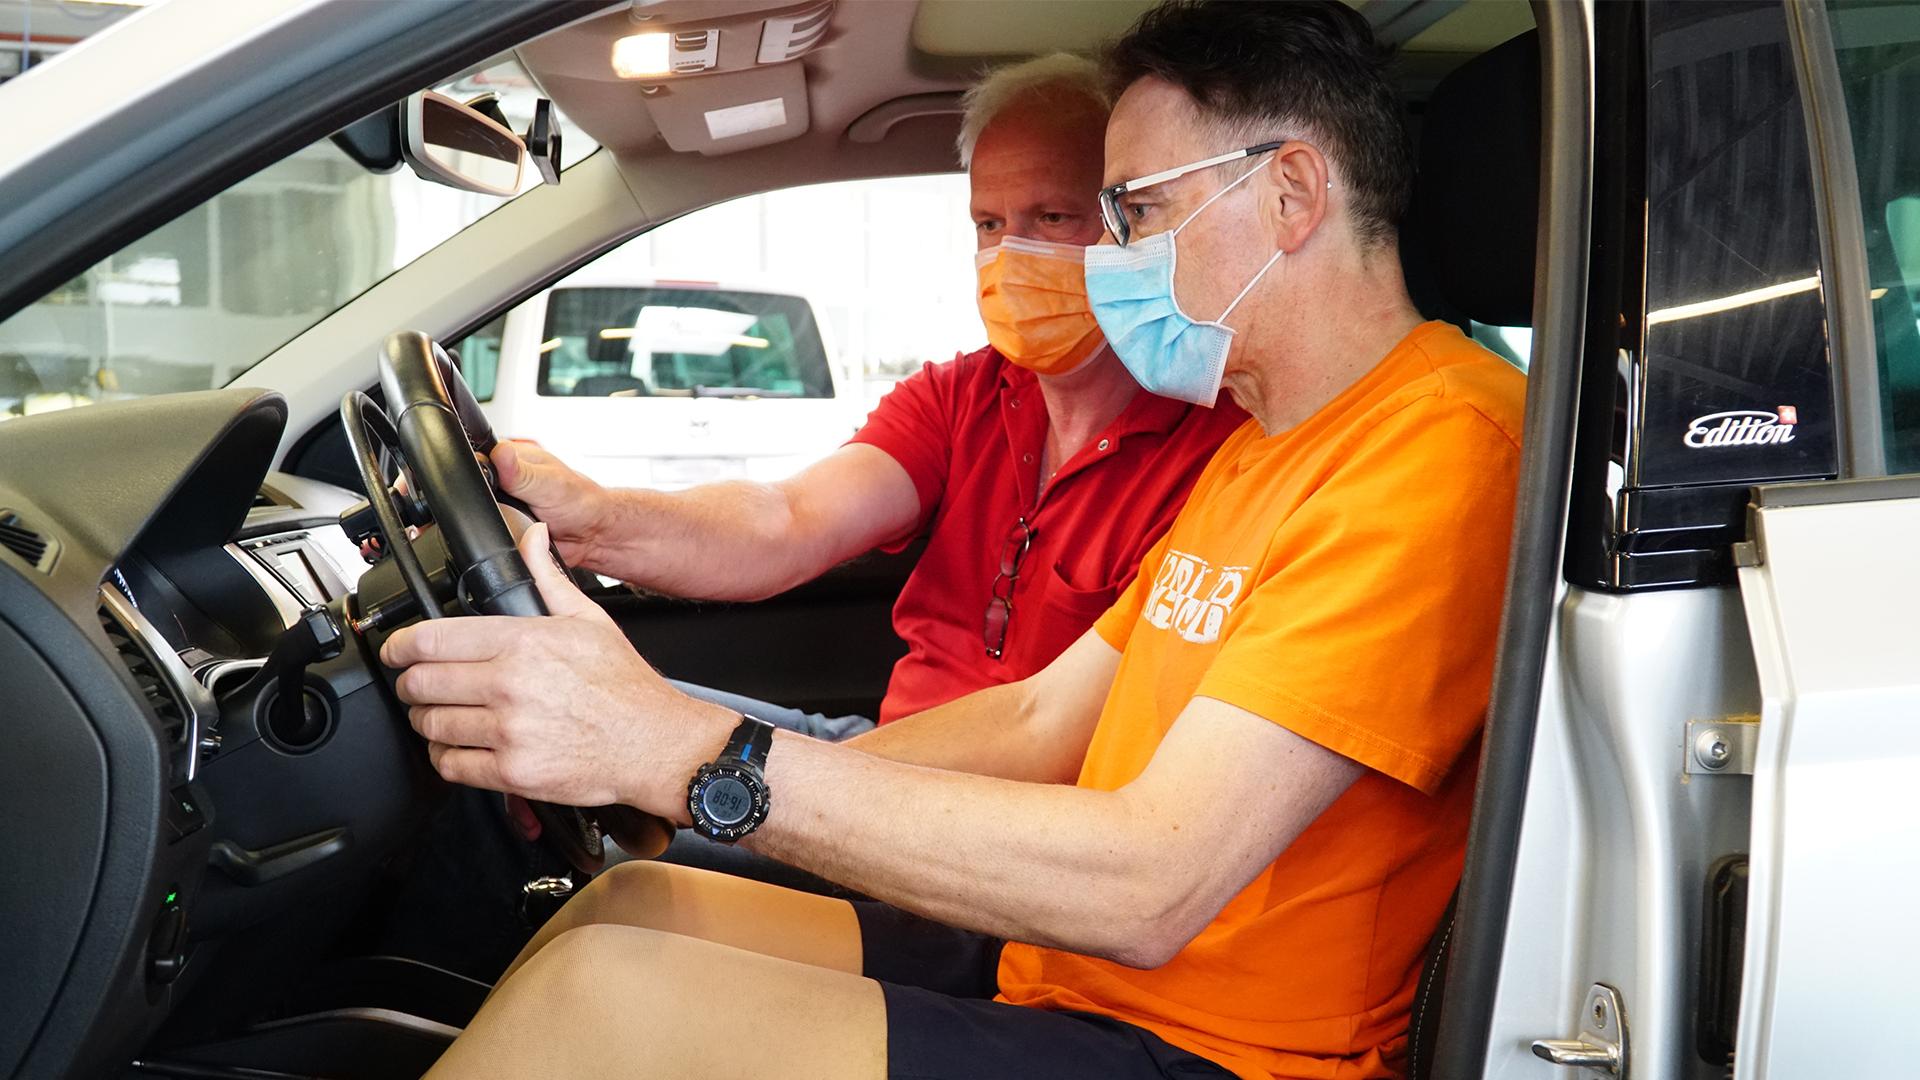 Cisi fährt zum ersten mal ein umgebautes Auto